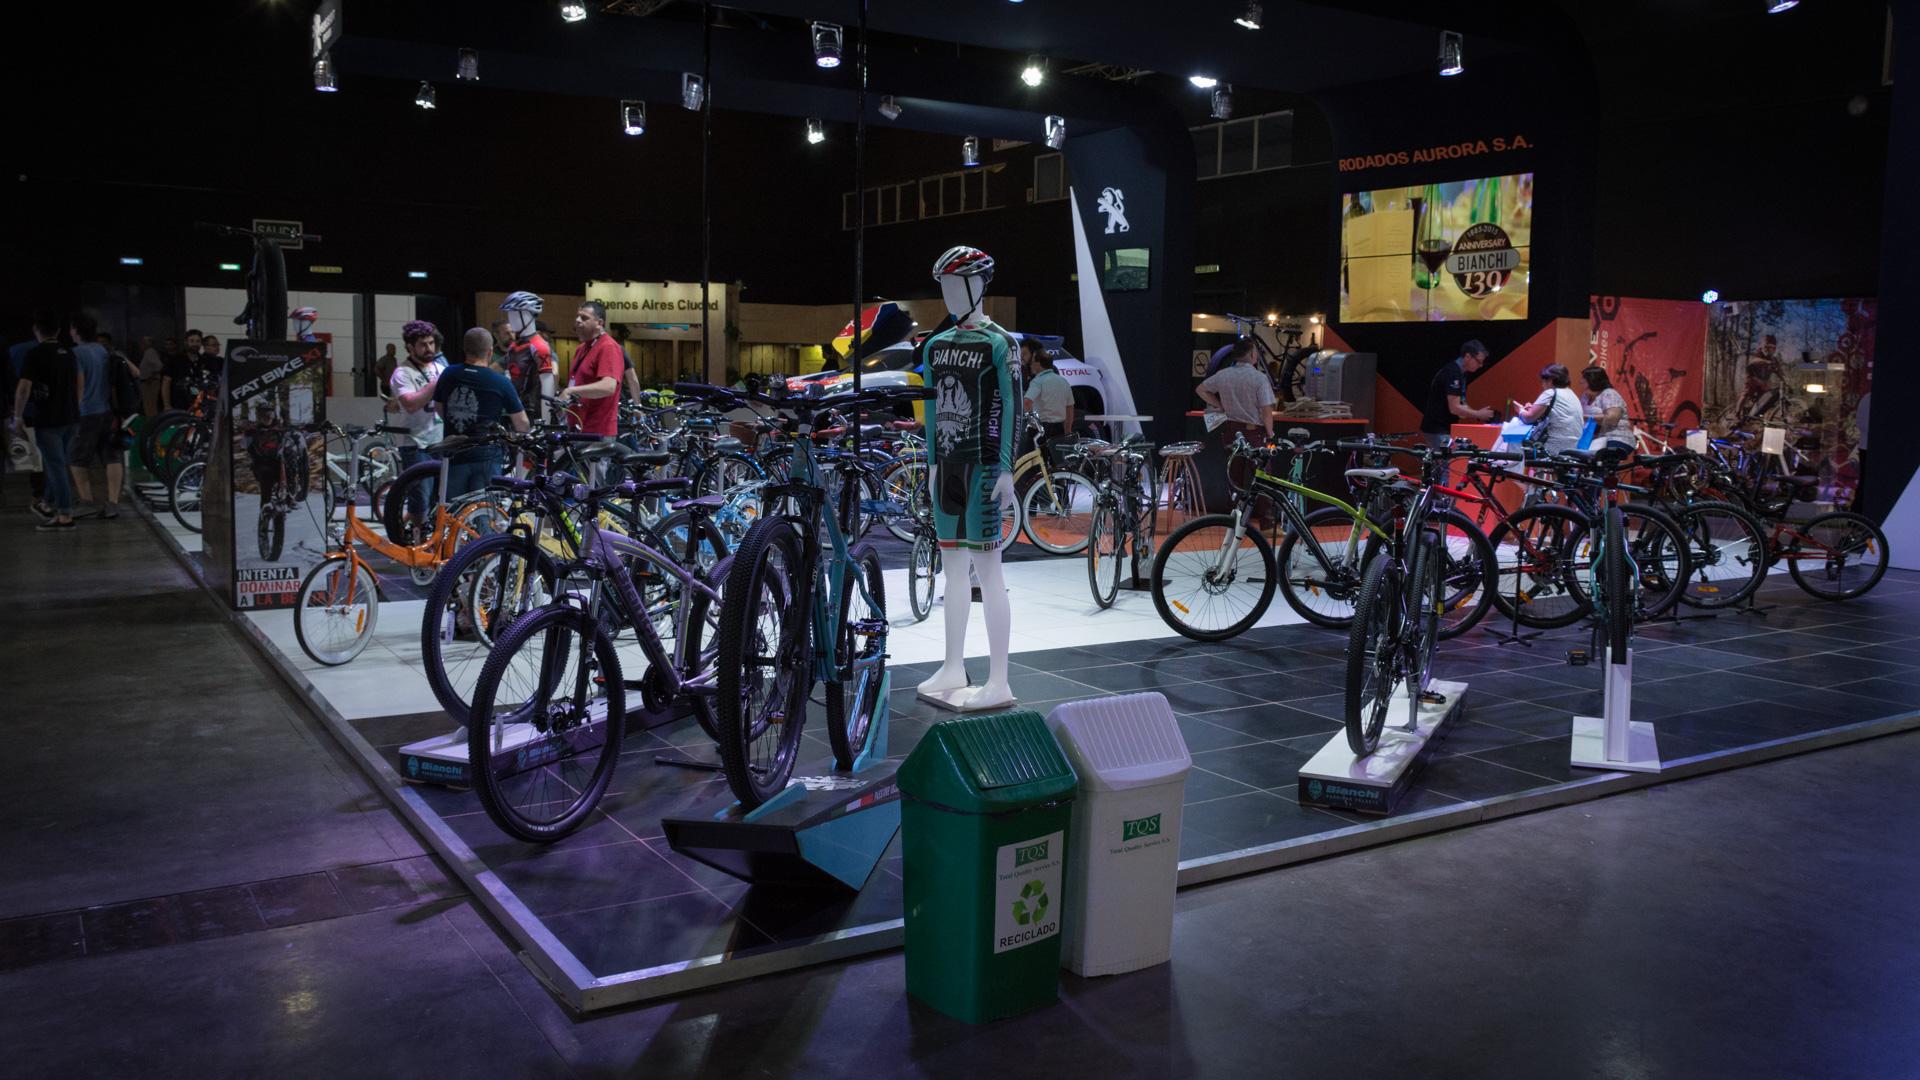 La Expo Bici & Run es un evento que reúne a los diferentes protagonistas del mundo de la bici y el running durante dos días y con actividades pensadas para toda la familia